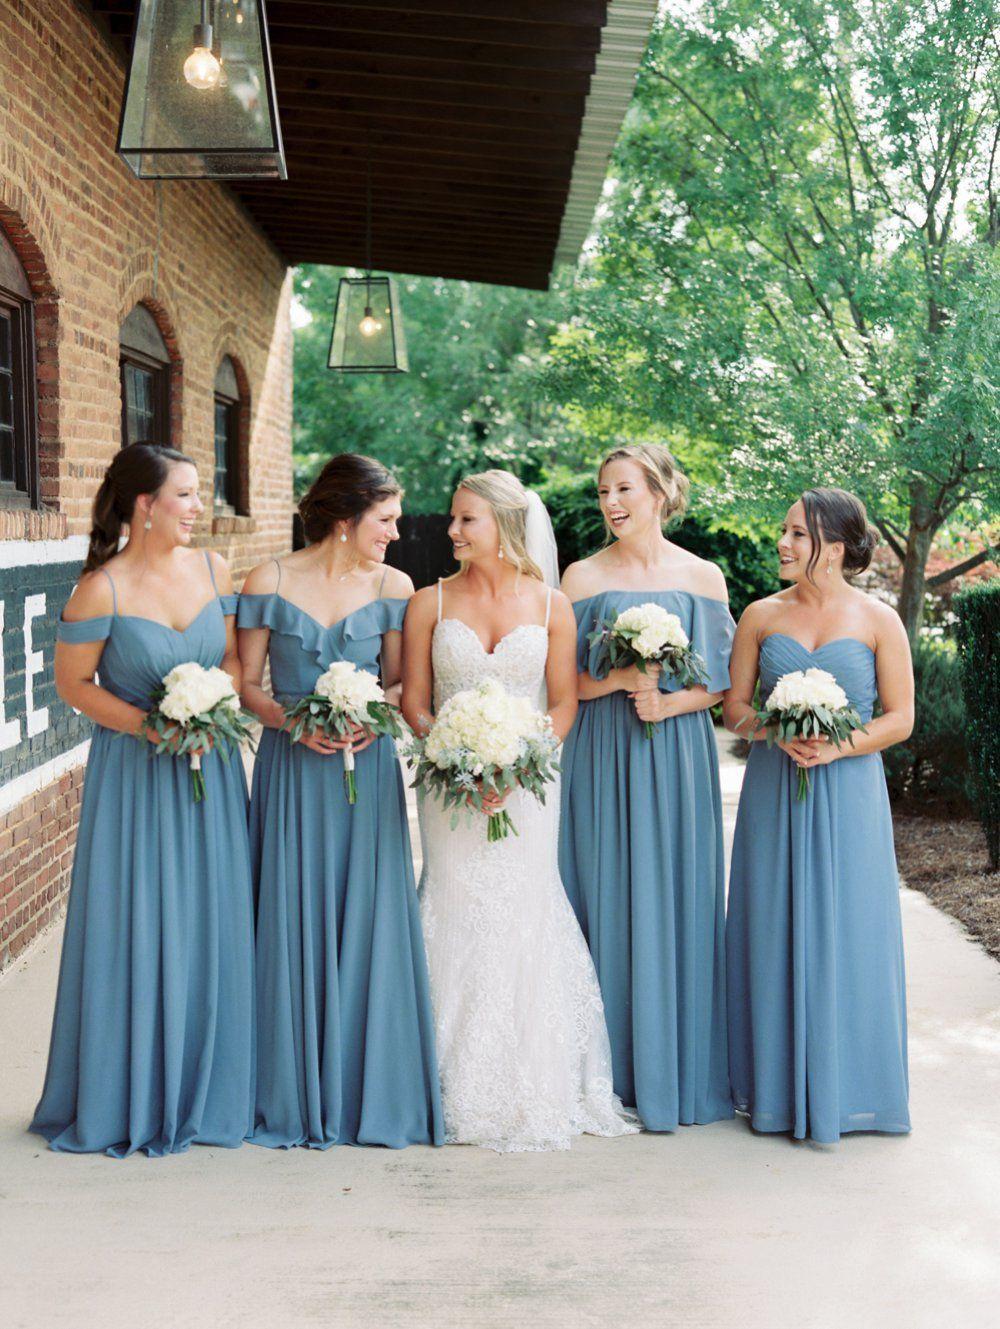 Dusty Blue Georgia Wedding   Dusty blue bridesmaid dresses, Blue ...